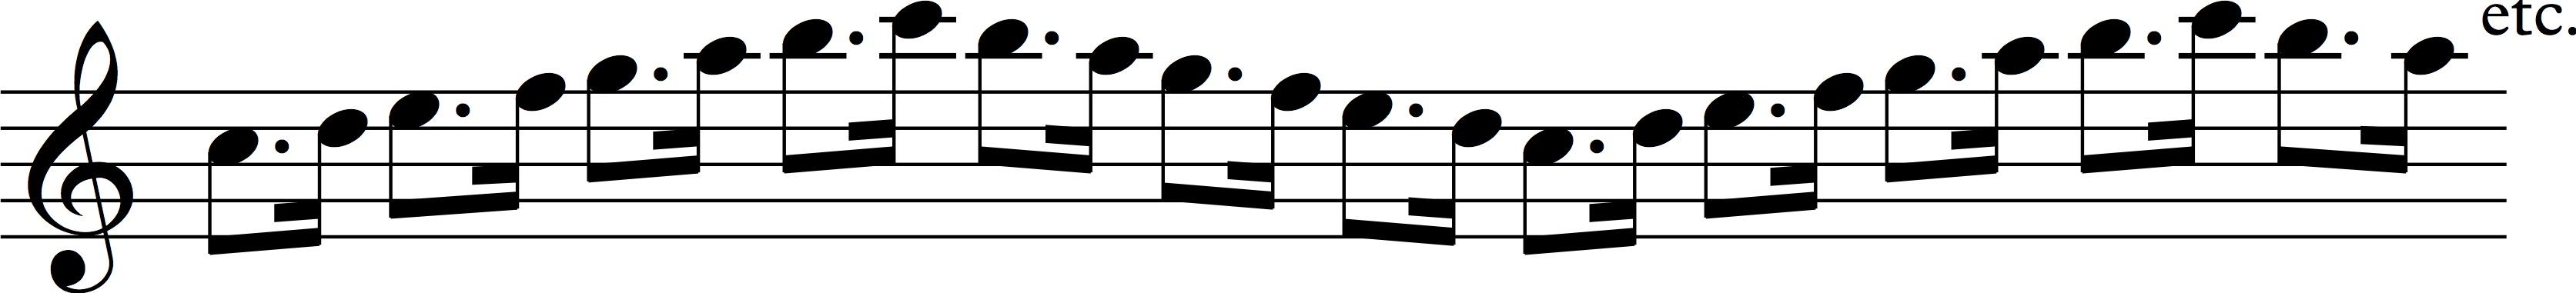 Scale 3 rhythm 1.jpg